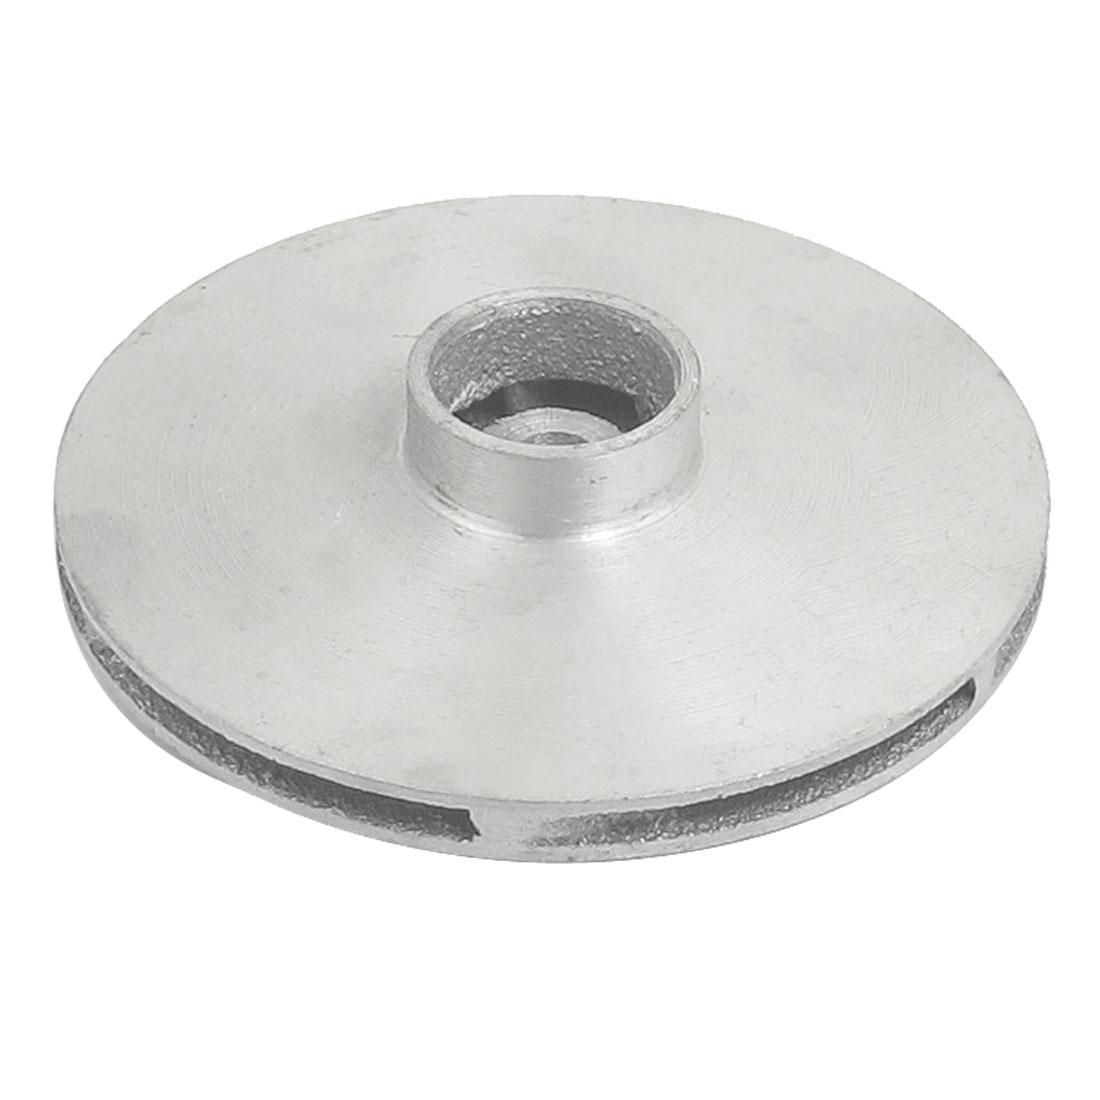 12cm x 2cm Water Pump Aluminum Precision Impeller Casting Part